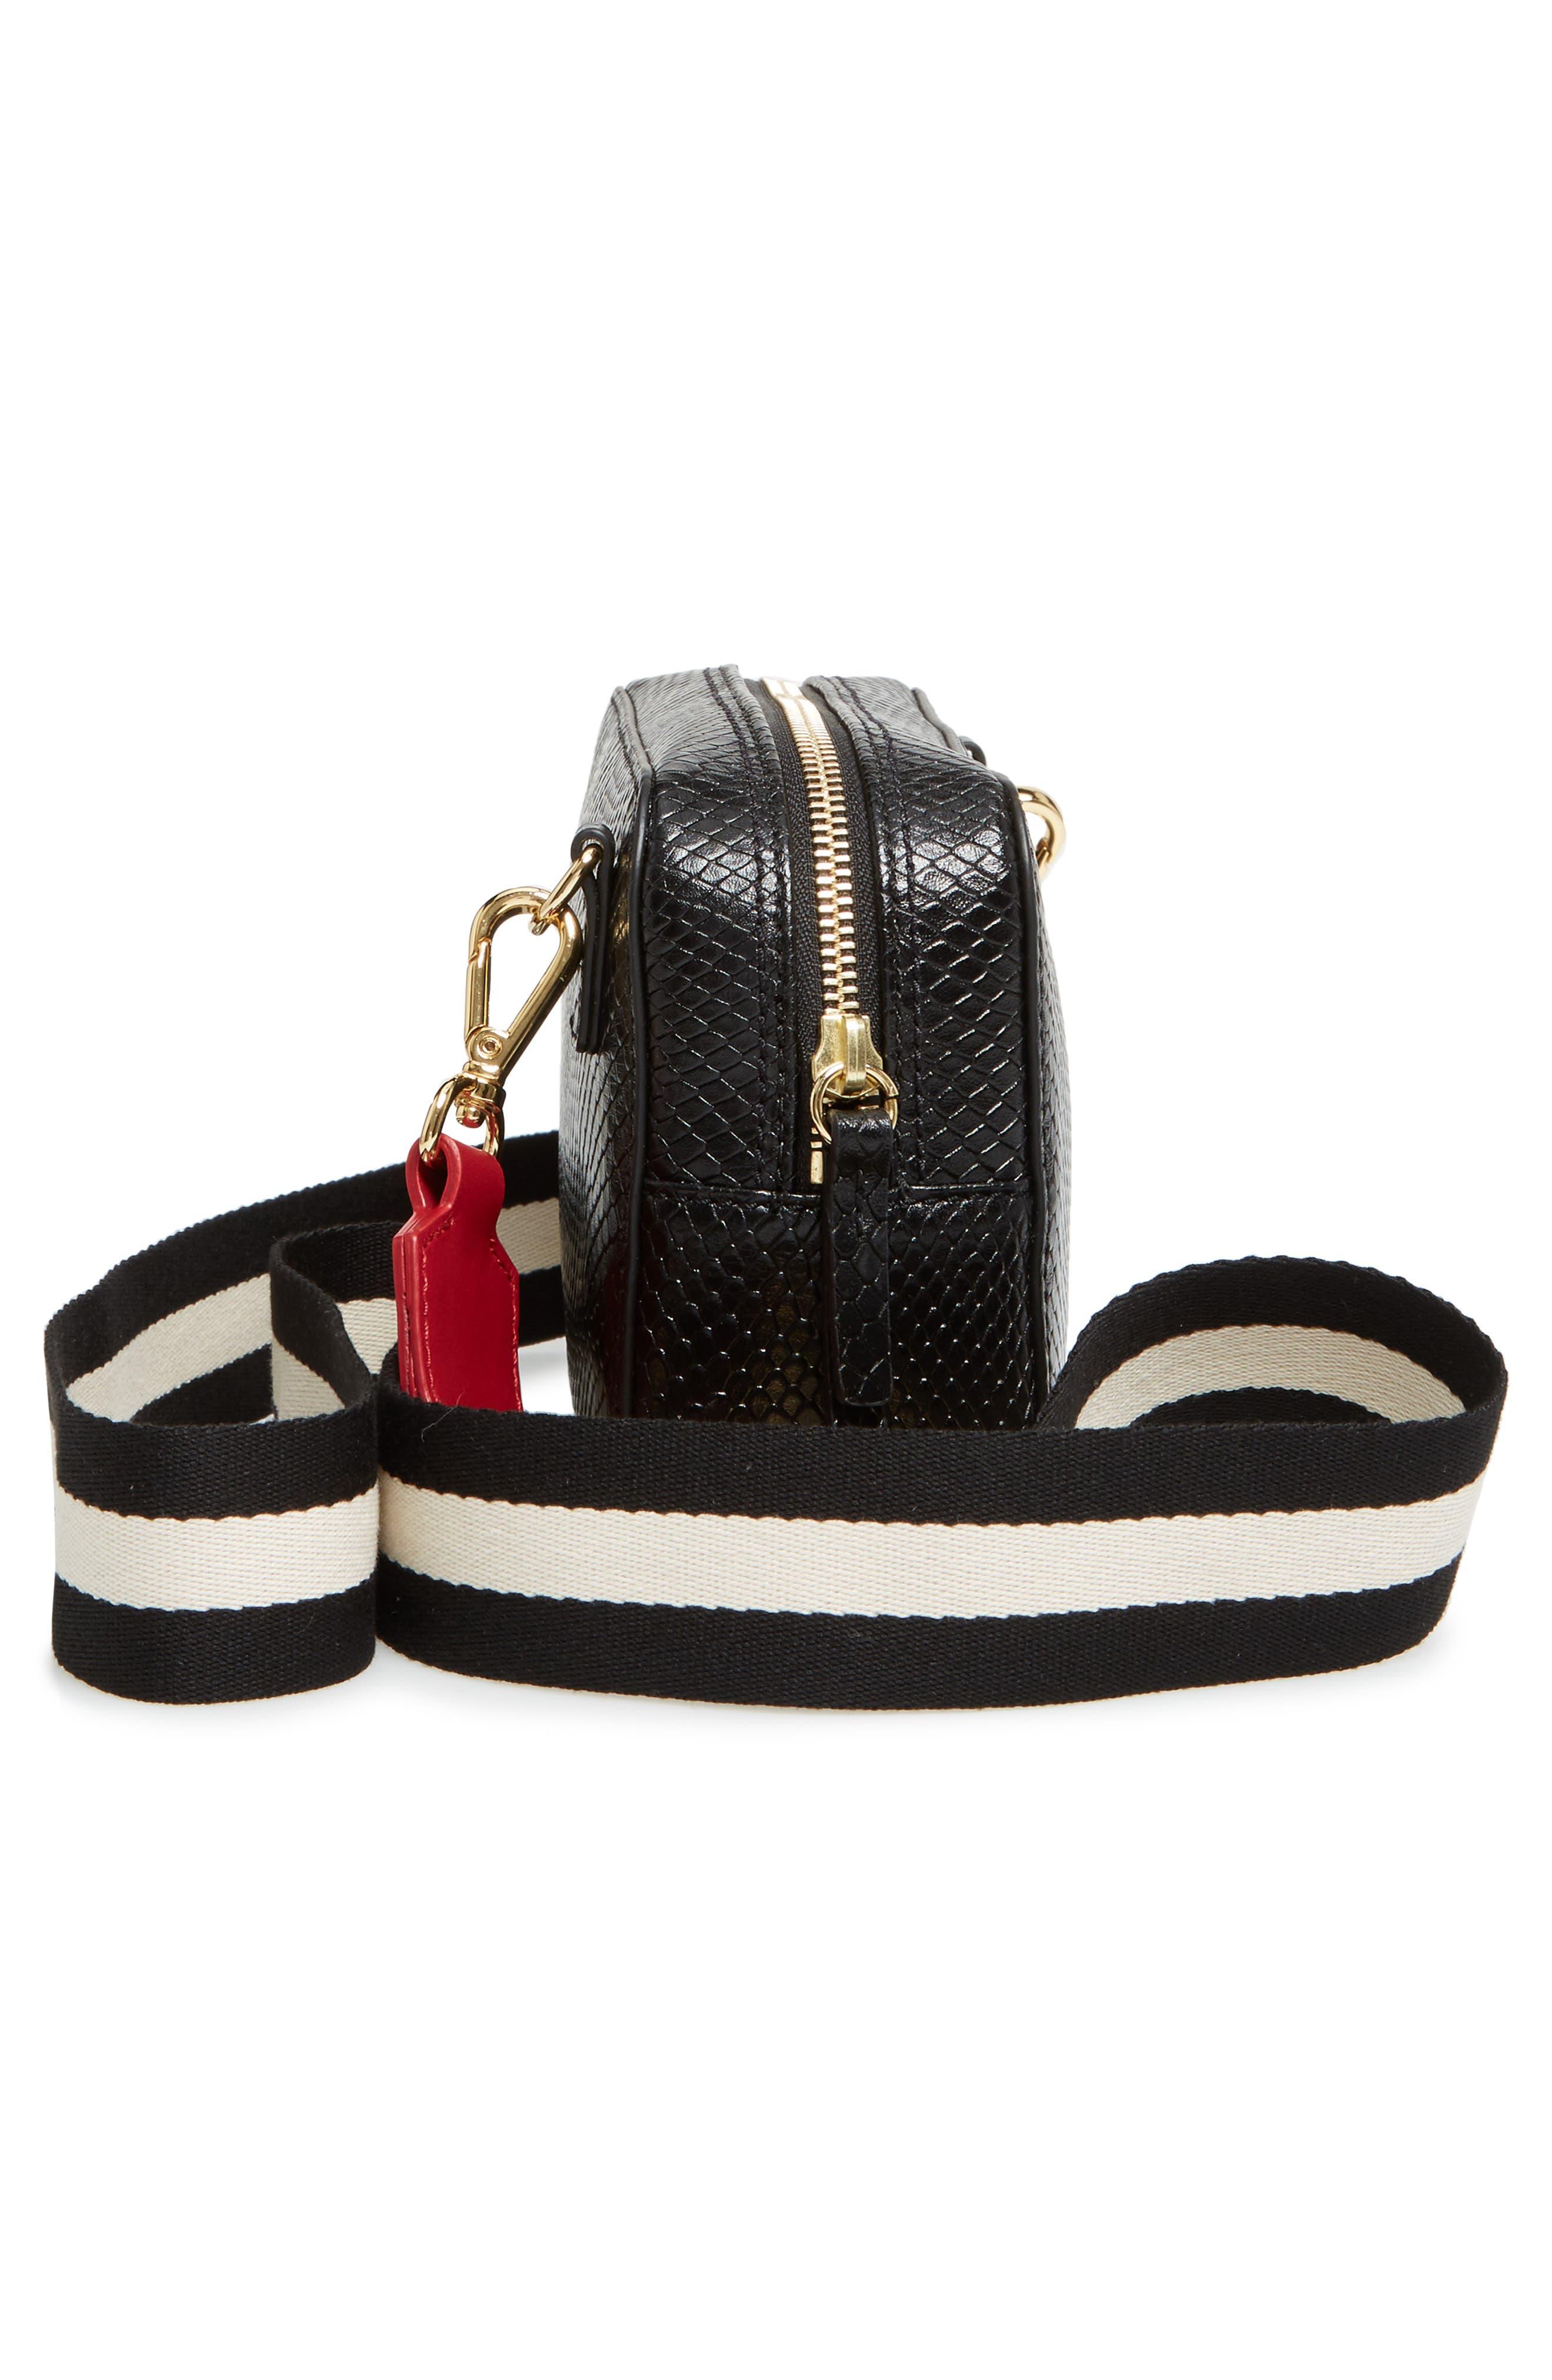 Snakeskin Embossed Leather Crossbody Bag,                             Alternate thumbnail 4, color,                             Black